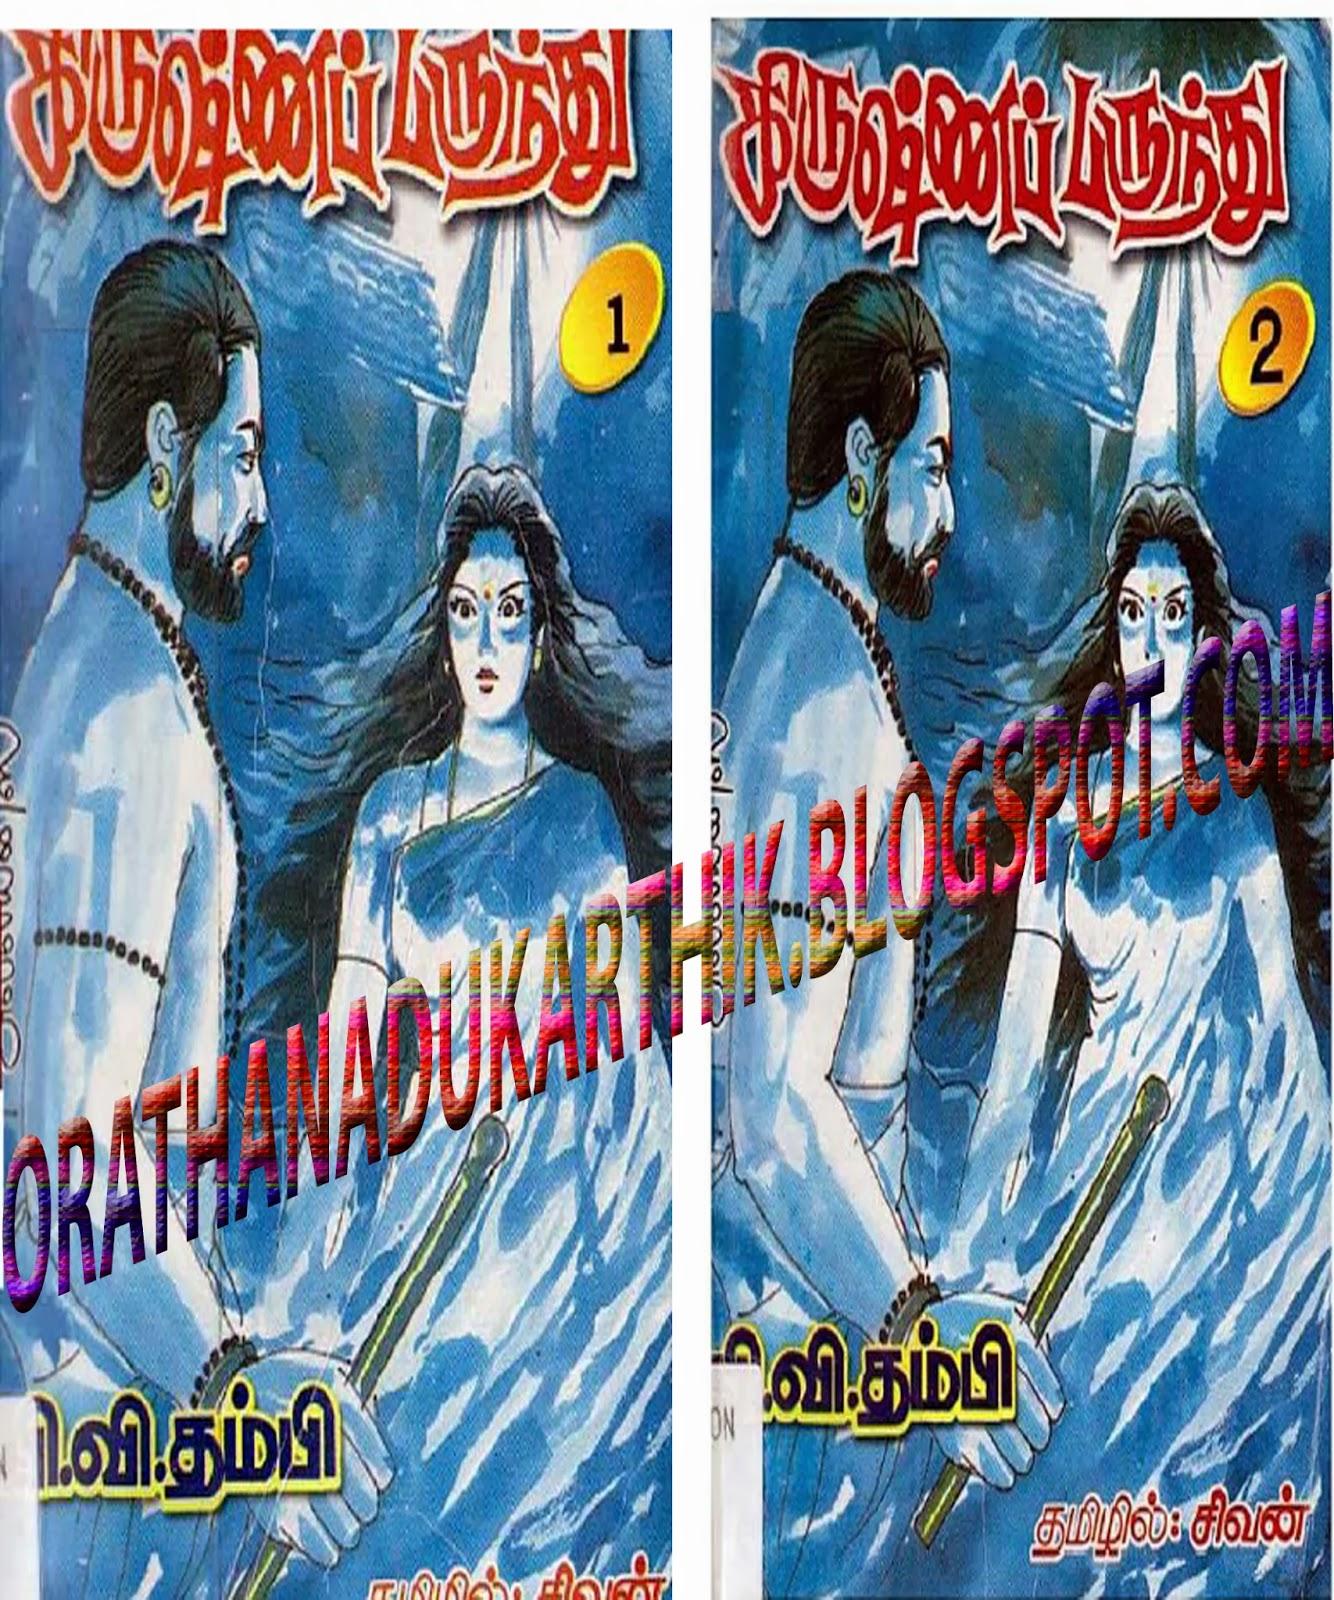 பி.வி.தம்பி -கிருஷ்ணப்பருந்து (பாகம் 1&2 ) PARUNTHU